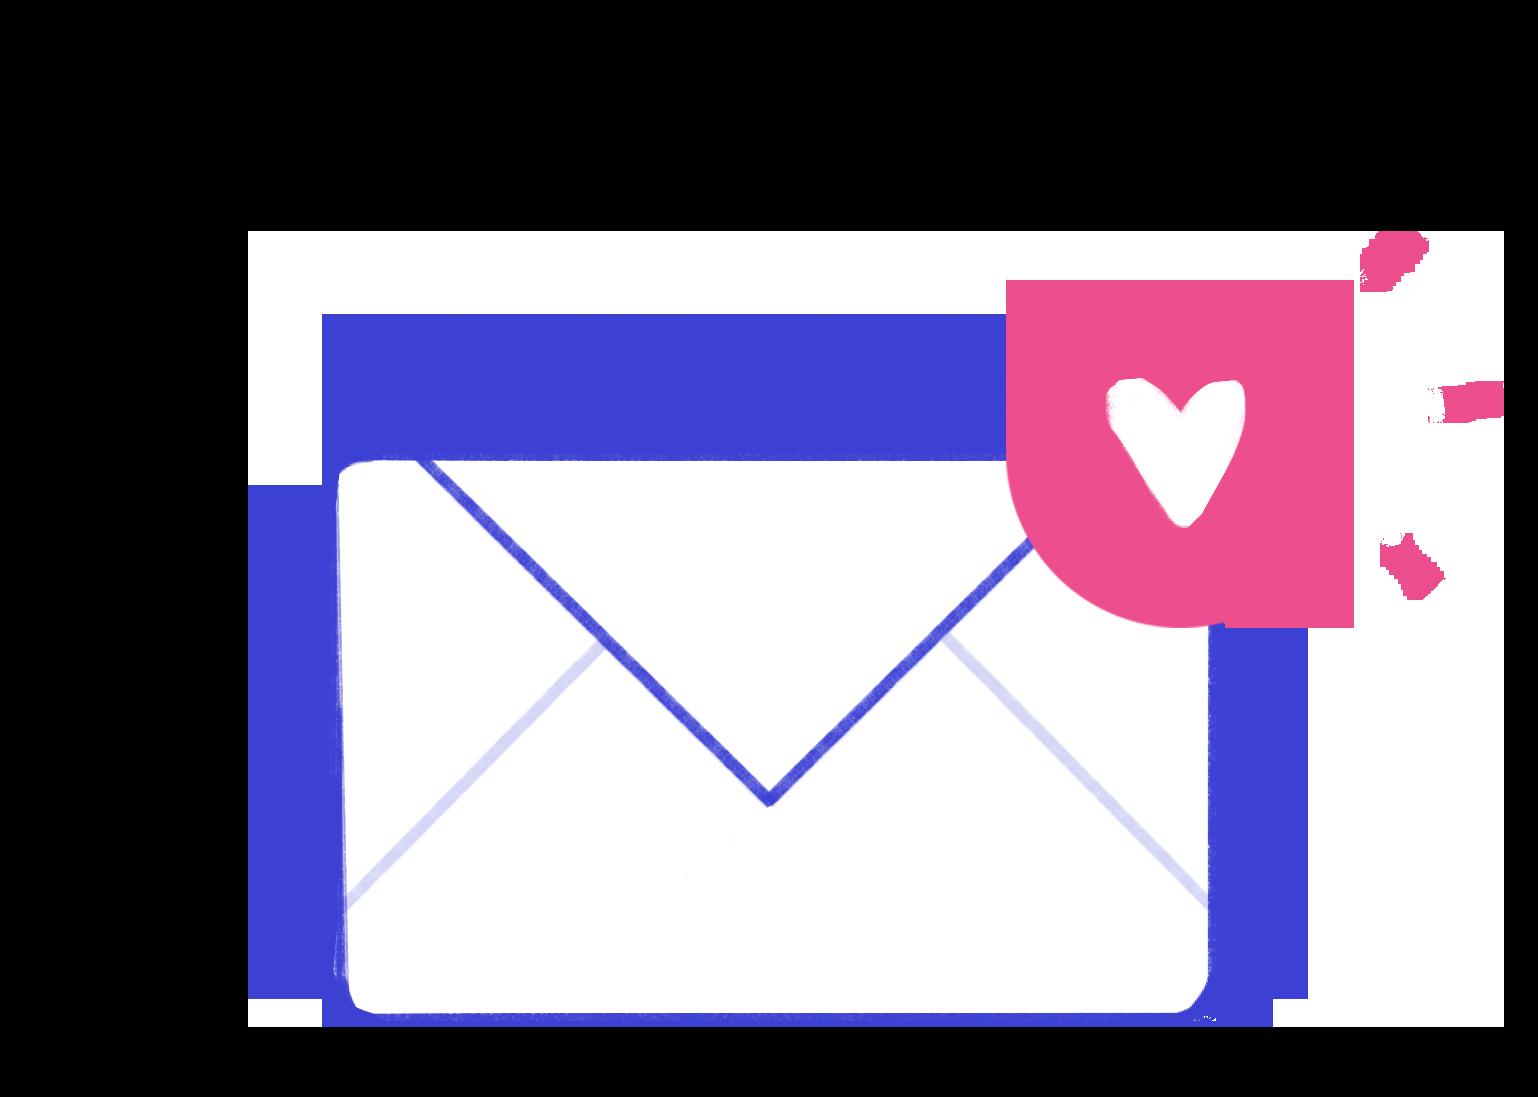 Esta imagem é um envelope fechado com um coração rosa na ponta superior direita.